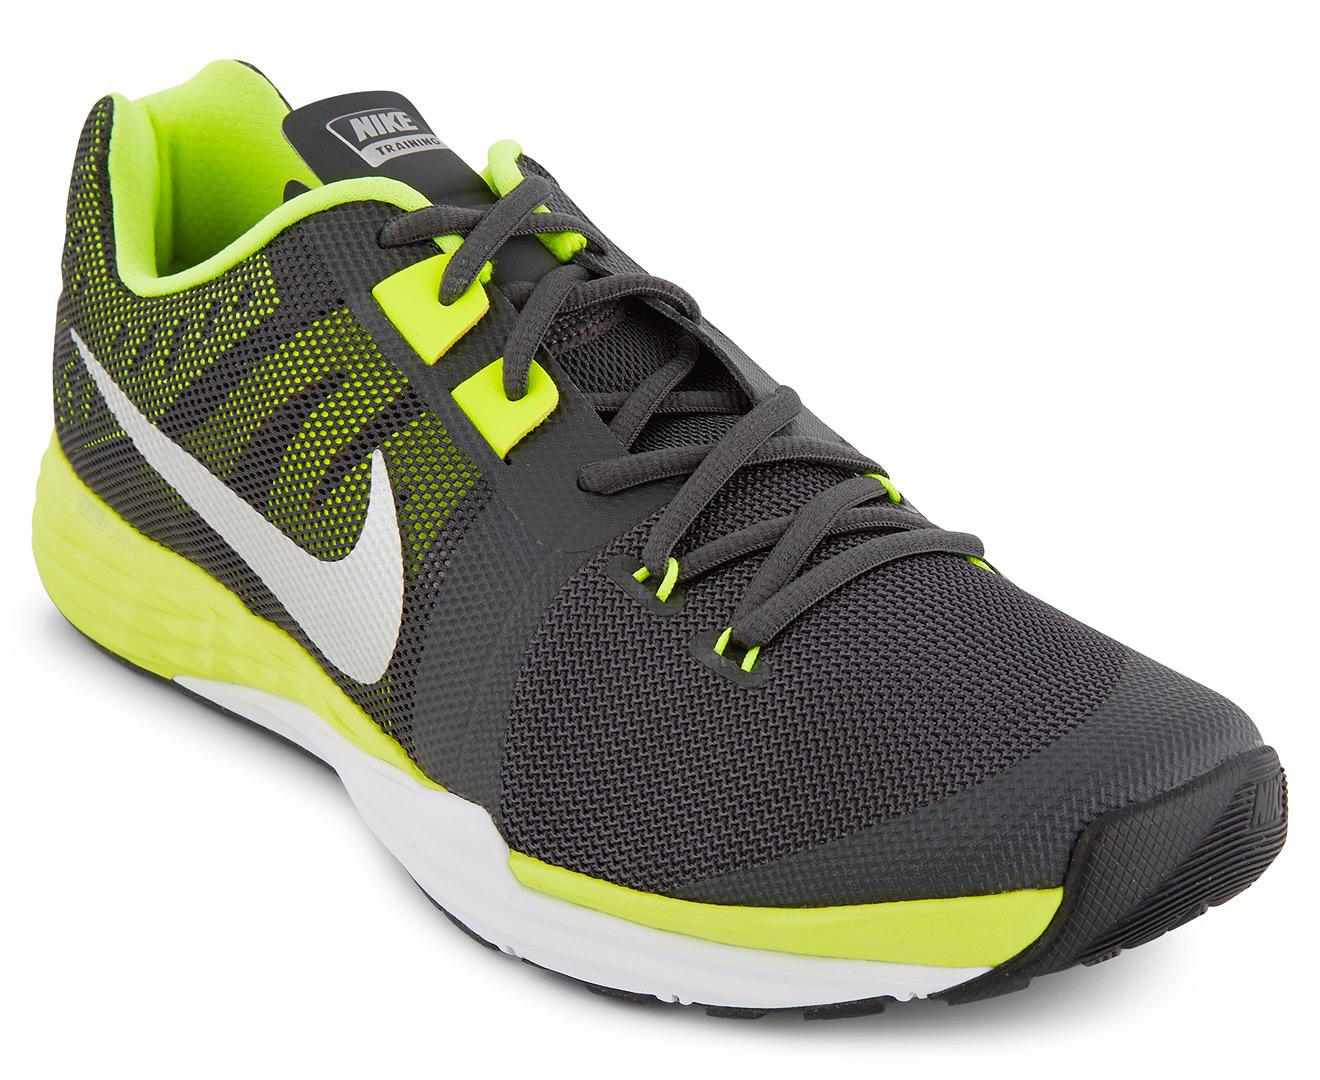 Nike Men S Train Prime Iron Df Training Shoes Black Green